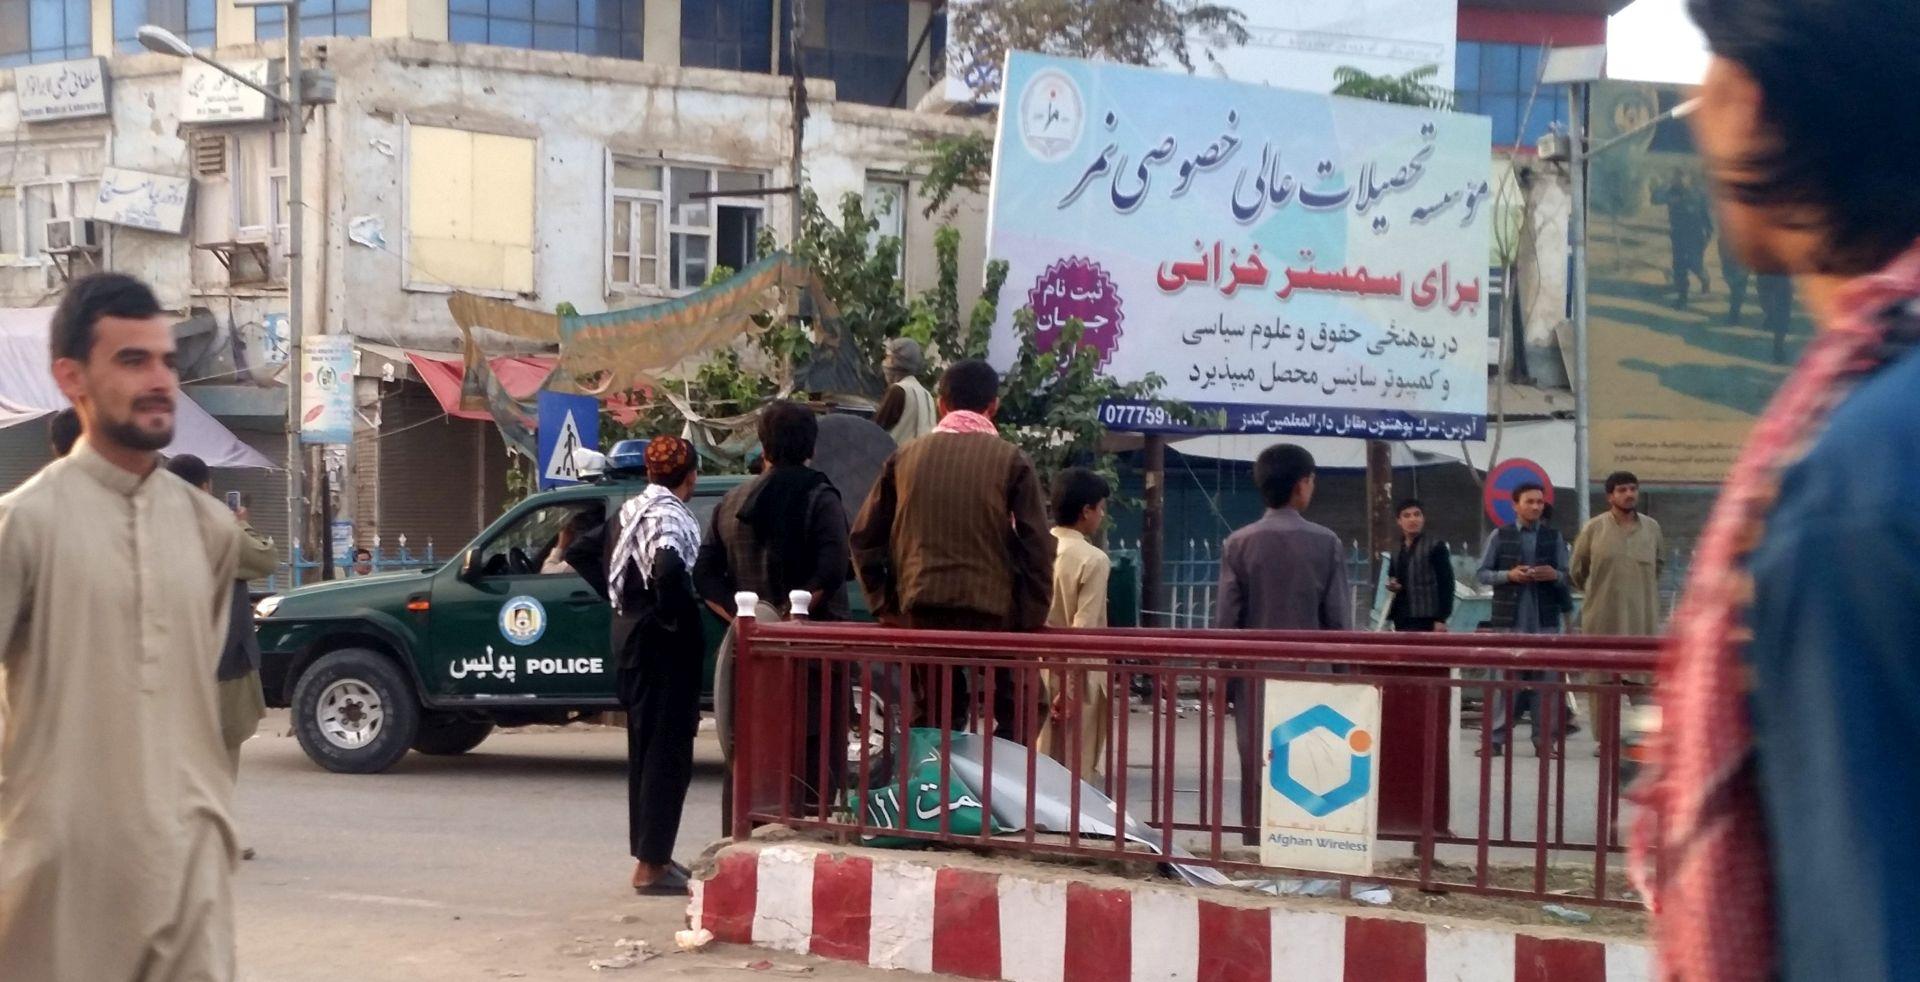 Afganistanske snage krenule u operaciju oslobađanja Kunduza od Talibana